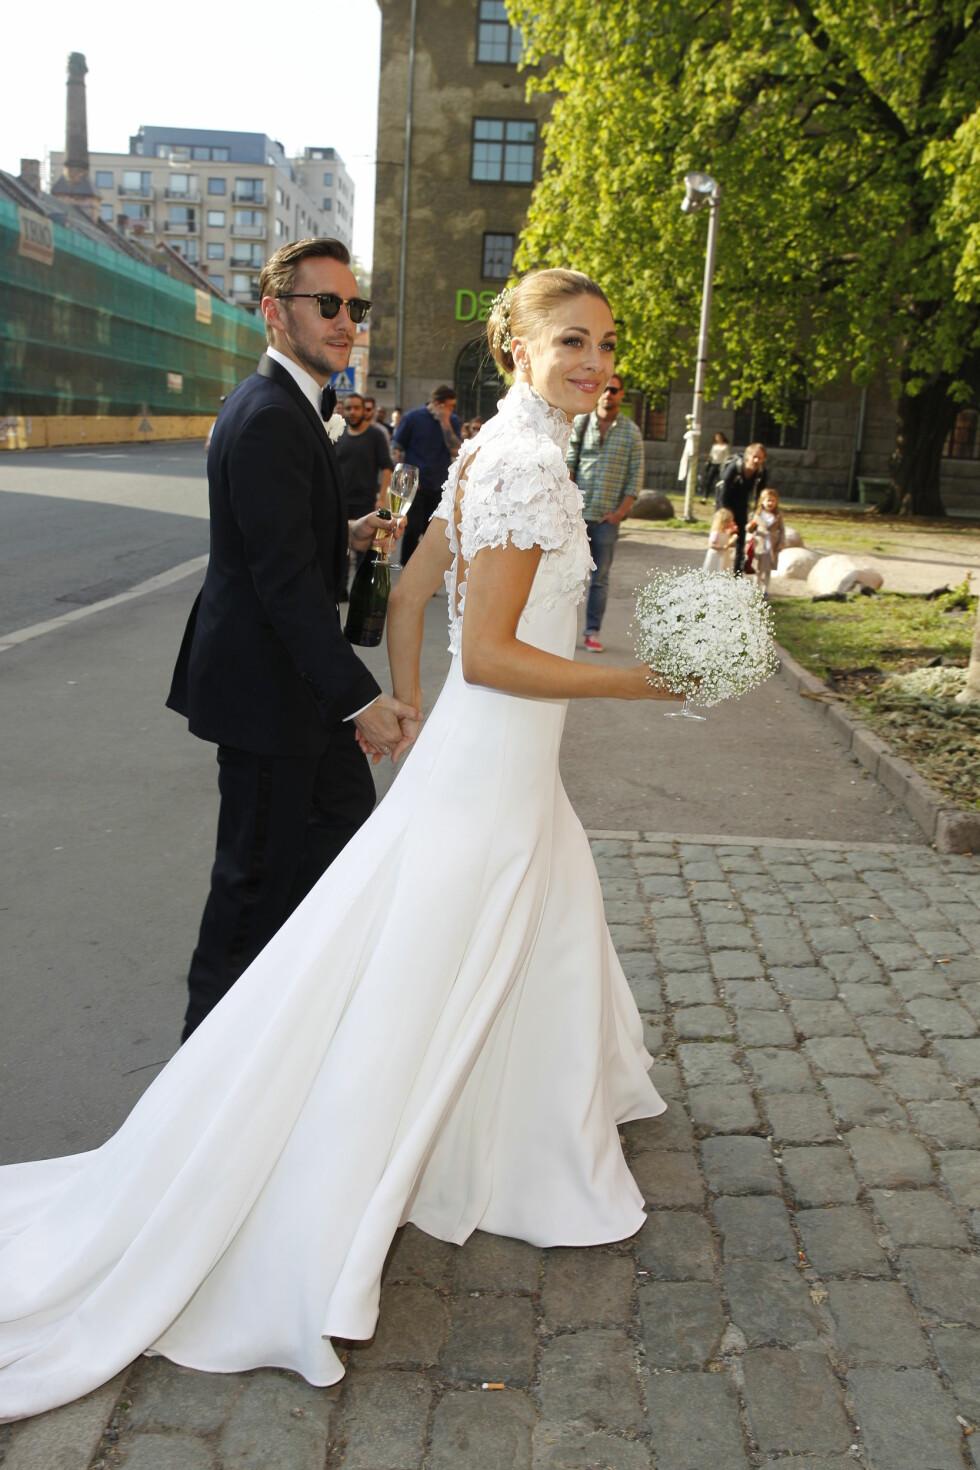 KLARE FOR FEST; «Fingern» og Jenny steg ut fra Bentleyen med henholdsvis champagne, brudebukett og hverandre i hånd. I Kulturkirken Jakob ventet gjestene.  Foto: Andreas Fadum, Se og Hør